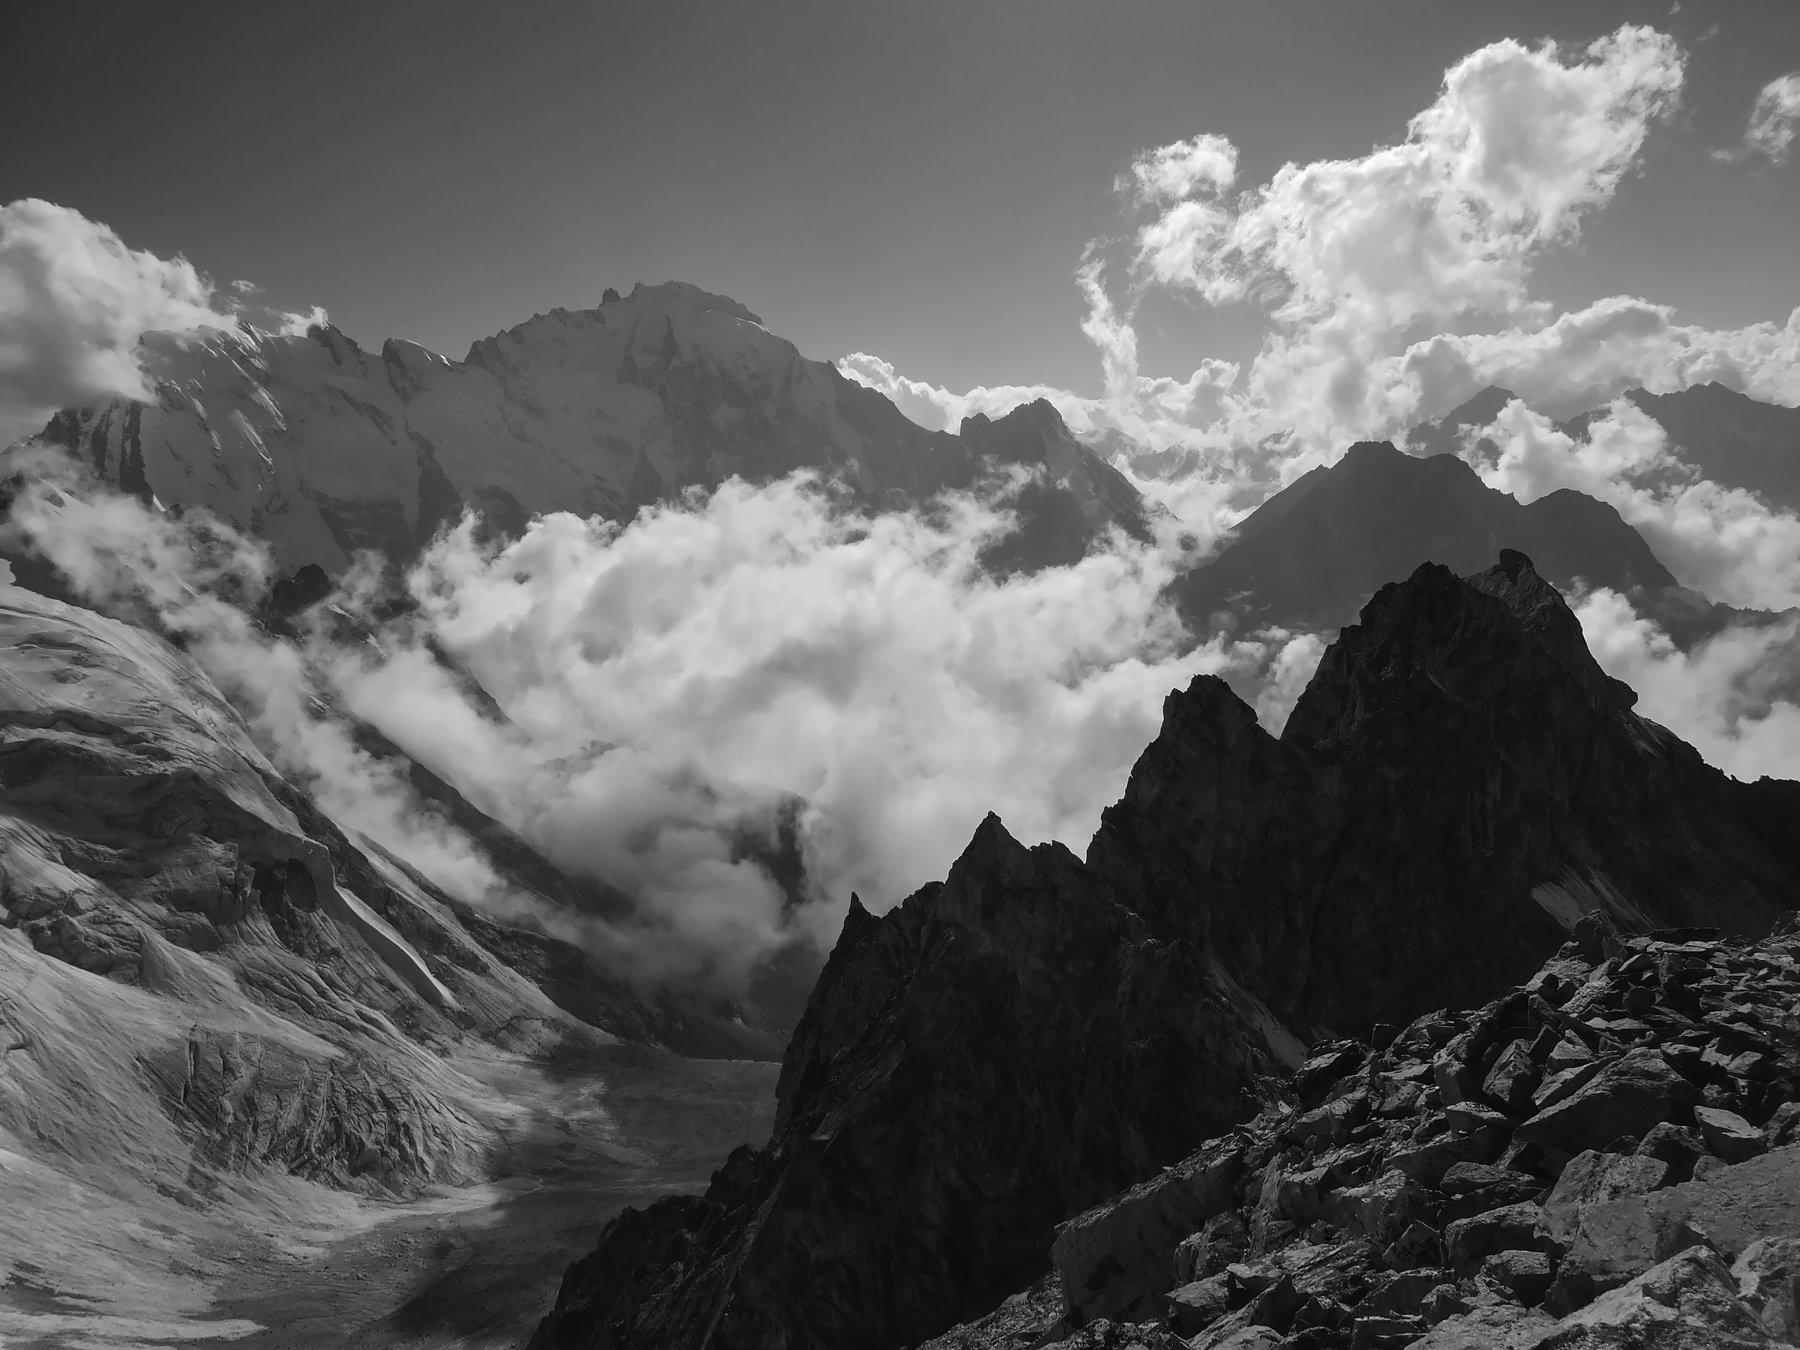 горы,альпинизм, облака, Эстелла